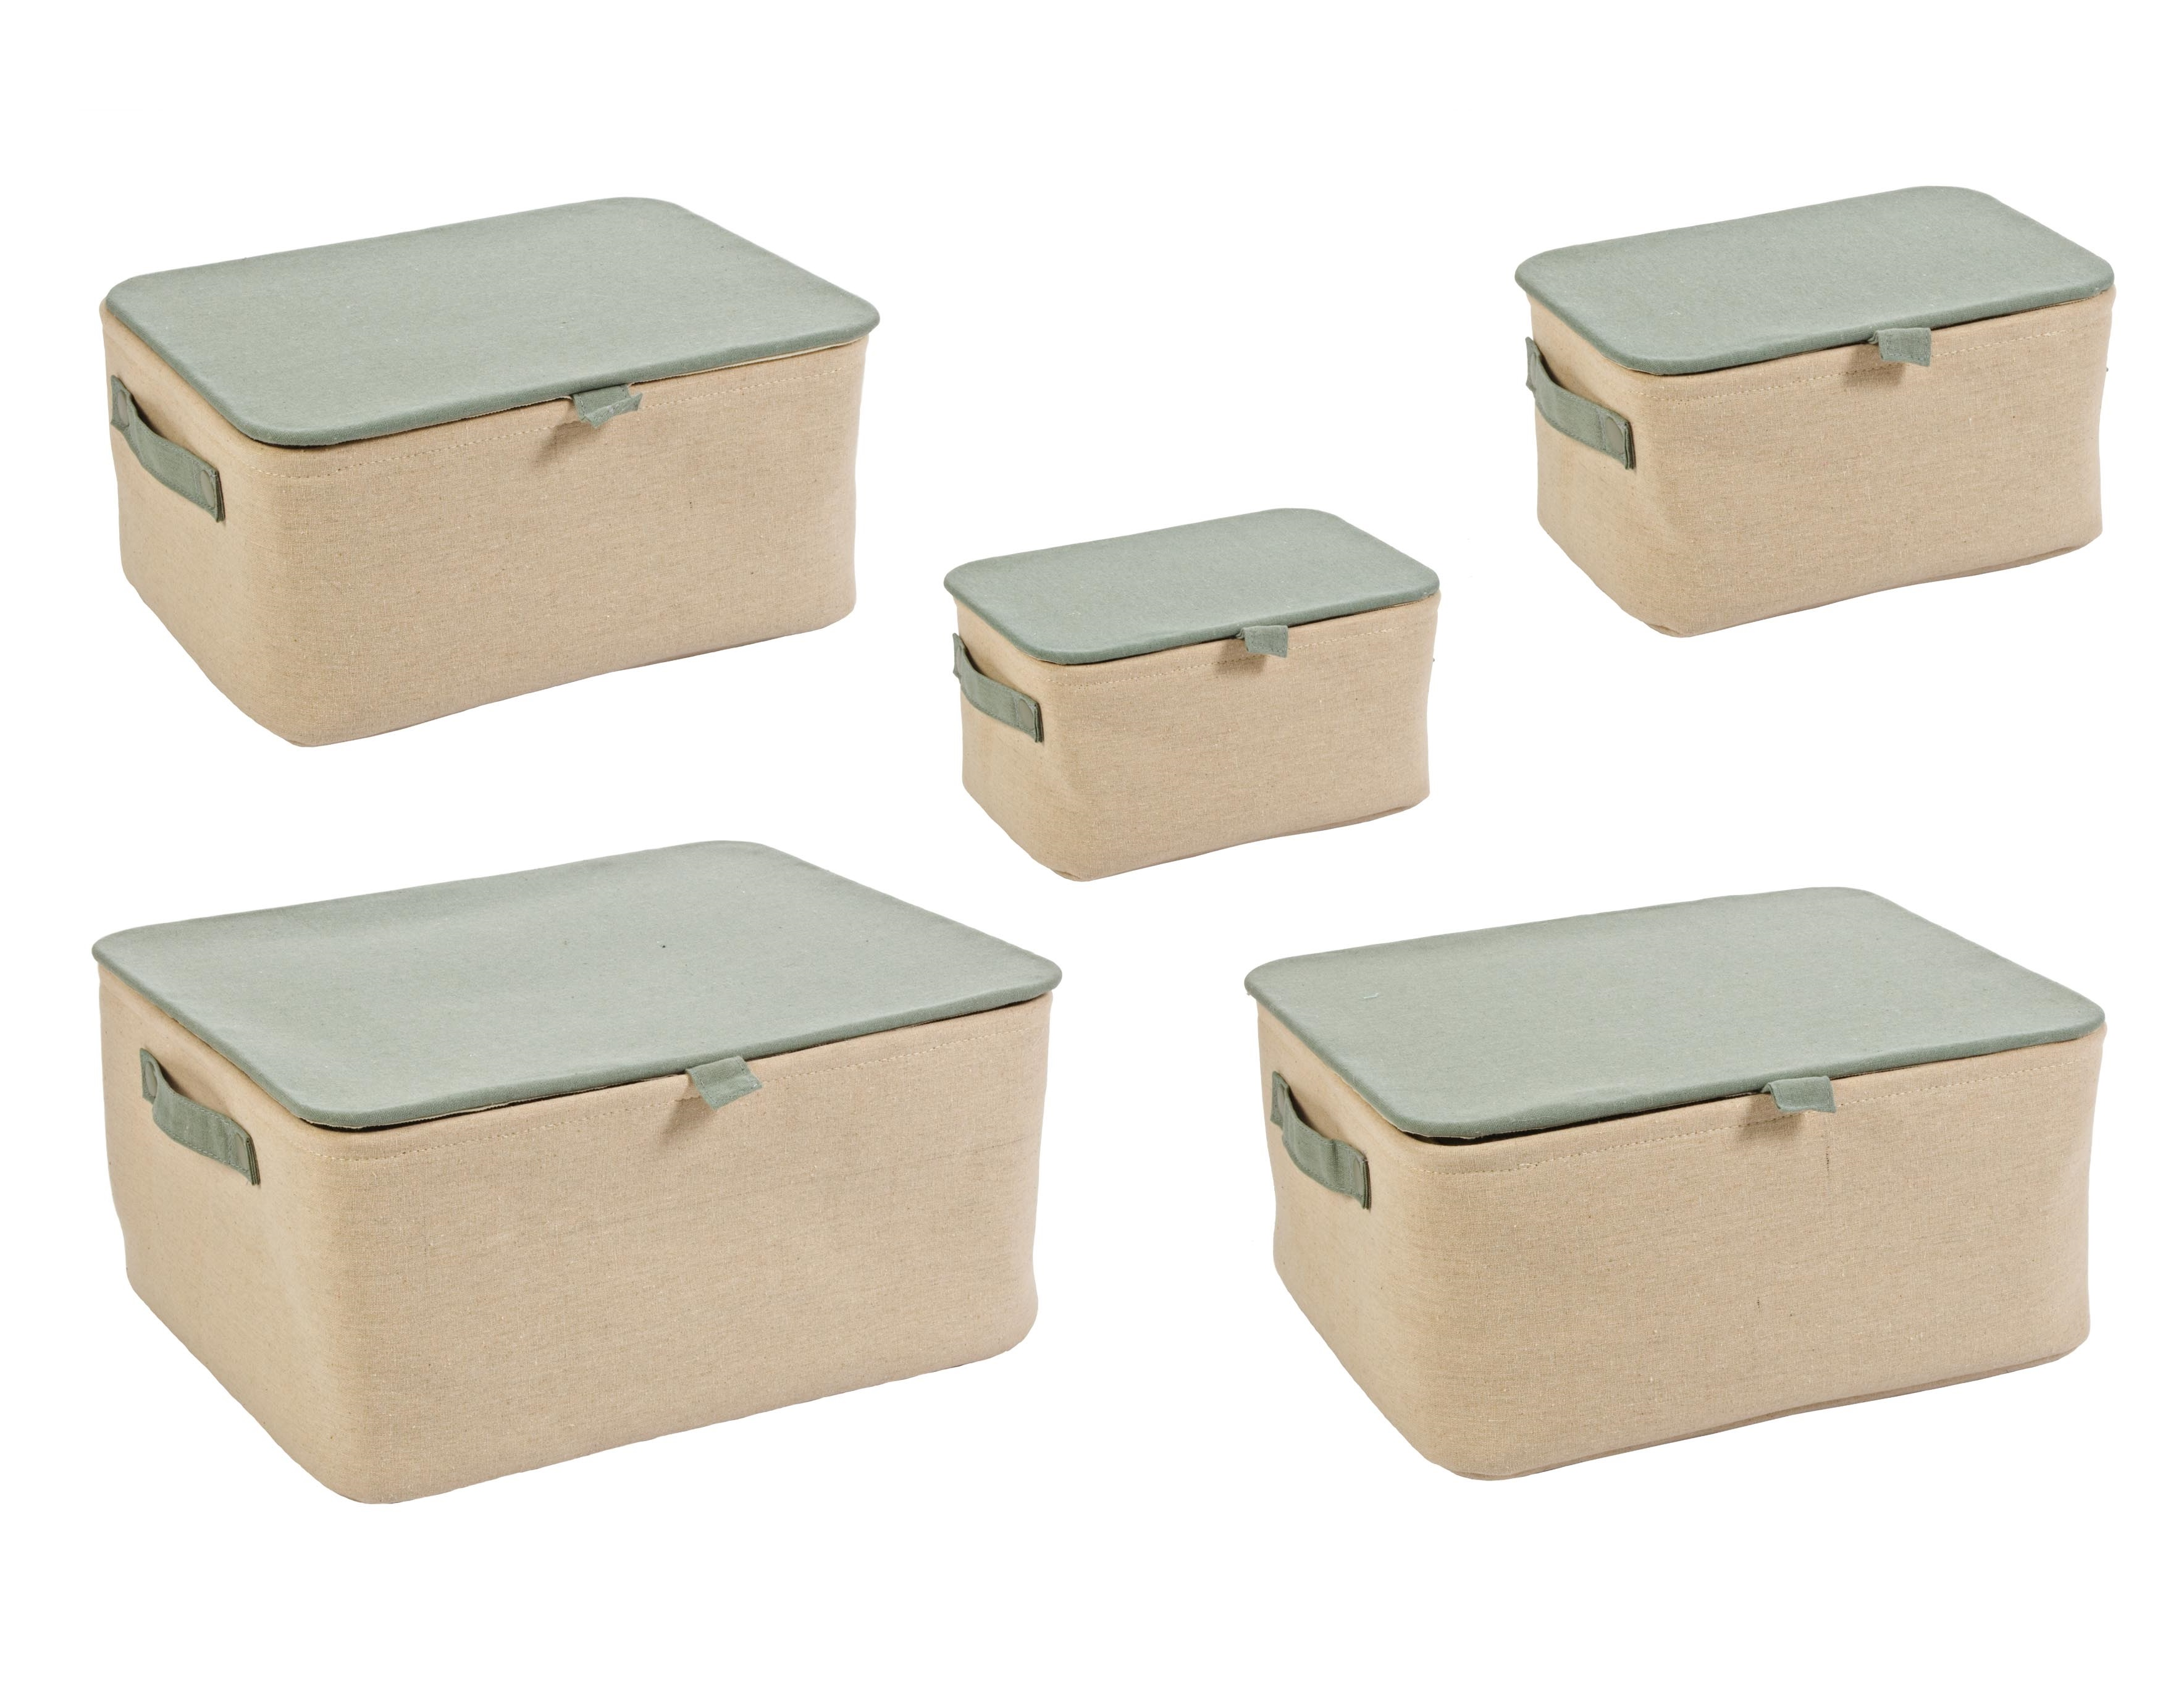 Набор из пяти коробок для хранения SoftКоробки<br>&amp;lt;div&amp;gt;&amp;lt;span style=&amp;quot;font-size: 14px;&amp;quot;&amp;gt;Большая: высота 21, ширина 38, длина 45;&amp;amp;nbsp;&amp;lt;/span&amp;gt;&amp;lt;br&amp;gt;&amp;lt;/div&amp;gt;&amp;lt;div&amp;gt;Средняя: высота 19, ширина 33, длина 40;&amp;amp;nbsp;&amp;lt;/div&amp;gt;&amp;lt;div&amp;gt;Маленькая: высота 17, ширина 29, длина 35;&amp;amp;nbsp;&amp;lt;/div&amp;gt;&amp;lt;div&amp;gt;Меньшая: высота 15, ширина 20, длина 29;&amp;amp;nbsp;&amp;lt;/div&amp;gt;&amp;lt;div&amp;gt;Наименьшая: высота 13, ширина 16, длина 24  .&amp;amp;nbsp;&amp;lt;/div&amp;gt;&amp;lt;div&amp;gt;&amp;lt;br&amp;gt;&amp;lt;/div&amp;gt;&amp;lt;div&amp;gt;Материал: хлопок, лен, нетканный материал.&amp;amp;nbsp;&amp;lt;/div&amp;gt;&amp;lt;div&amp;gt;&amp;lt;br&amp;gt;&amp;lt;/div&amp;gt;<br><br>Material: Хлопок<br>Length см: None<br>Width см: 45<br>Depth см: 38<br>Height см: 21